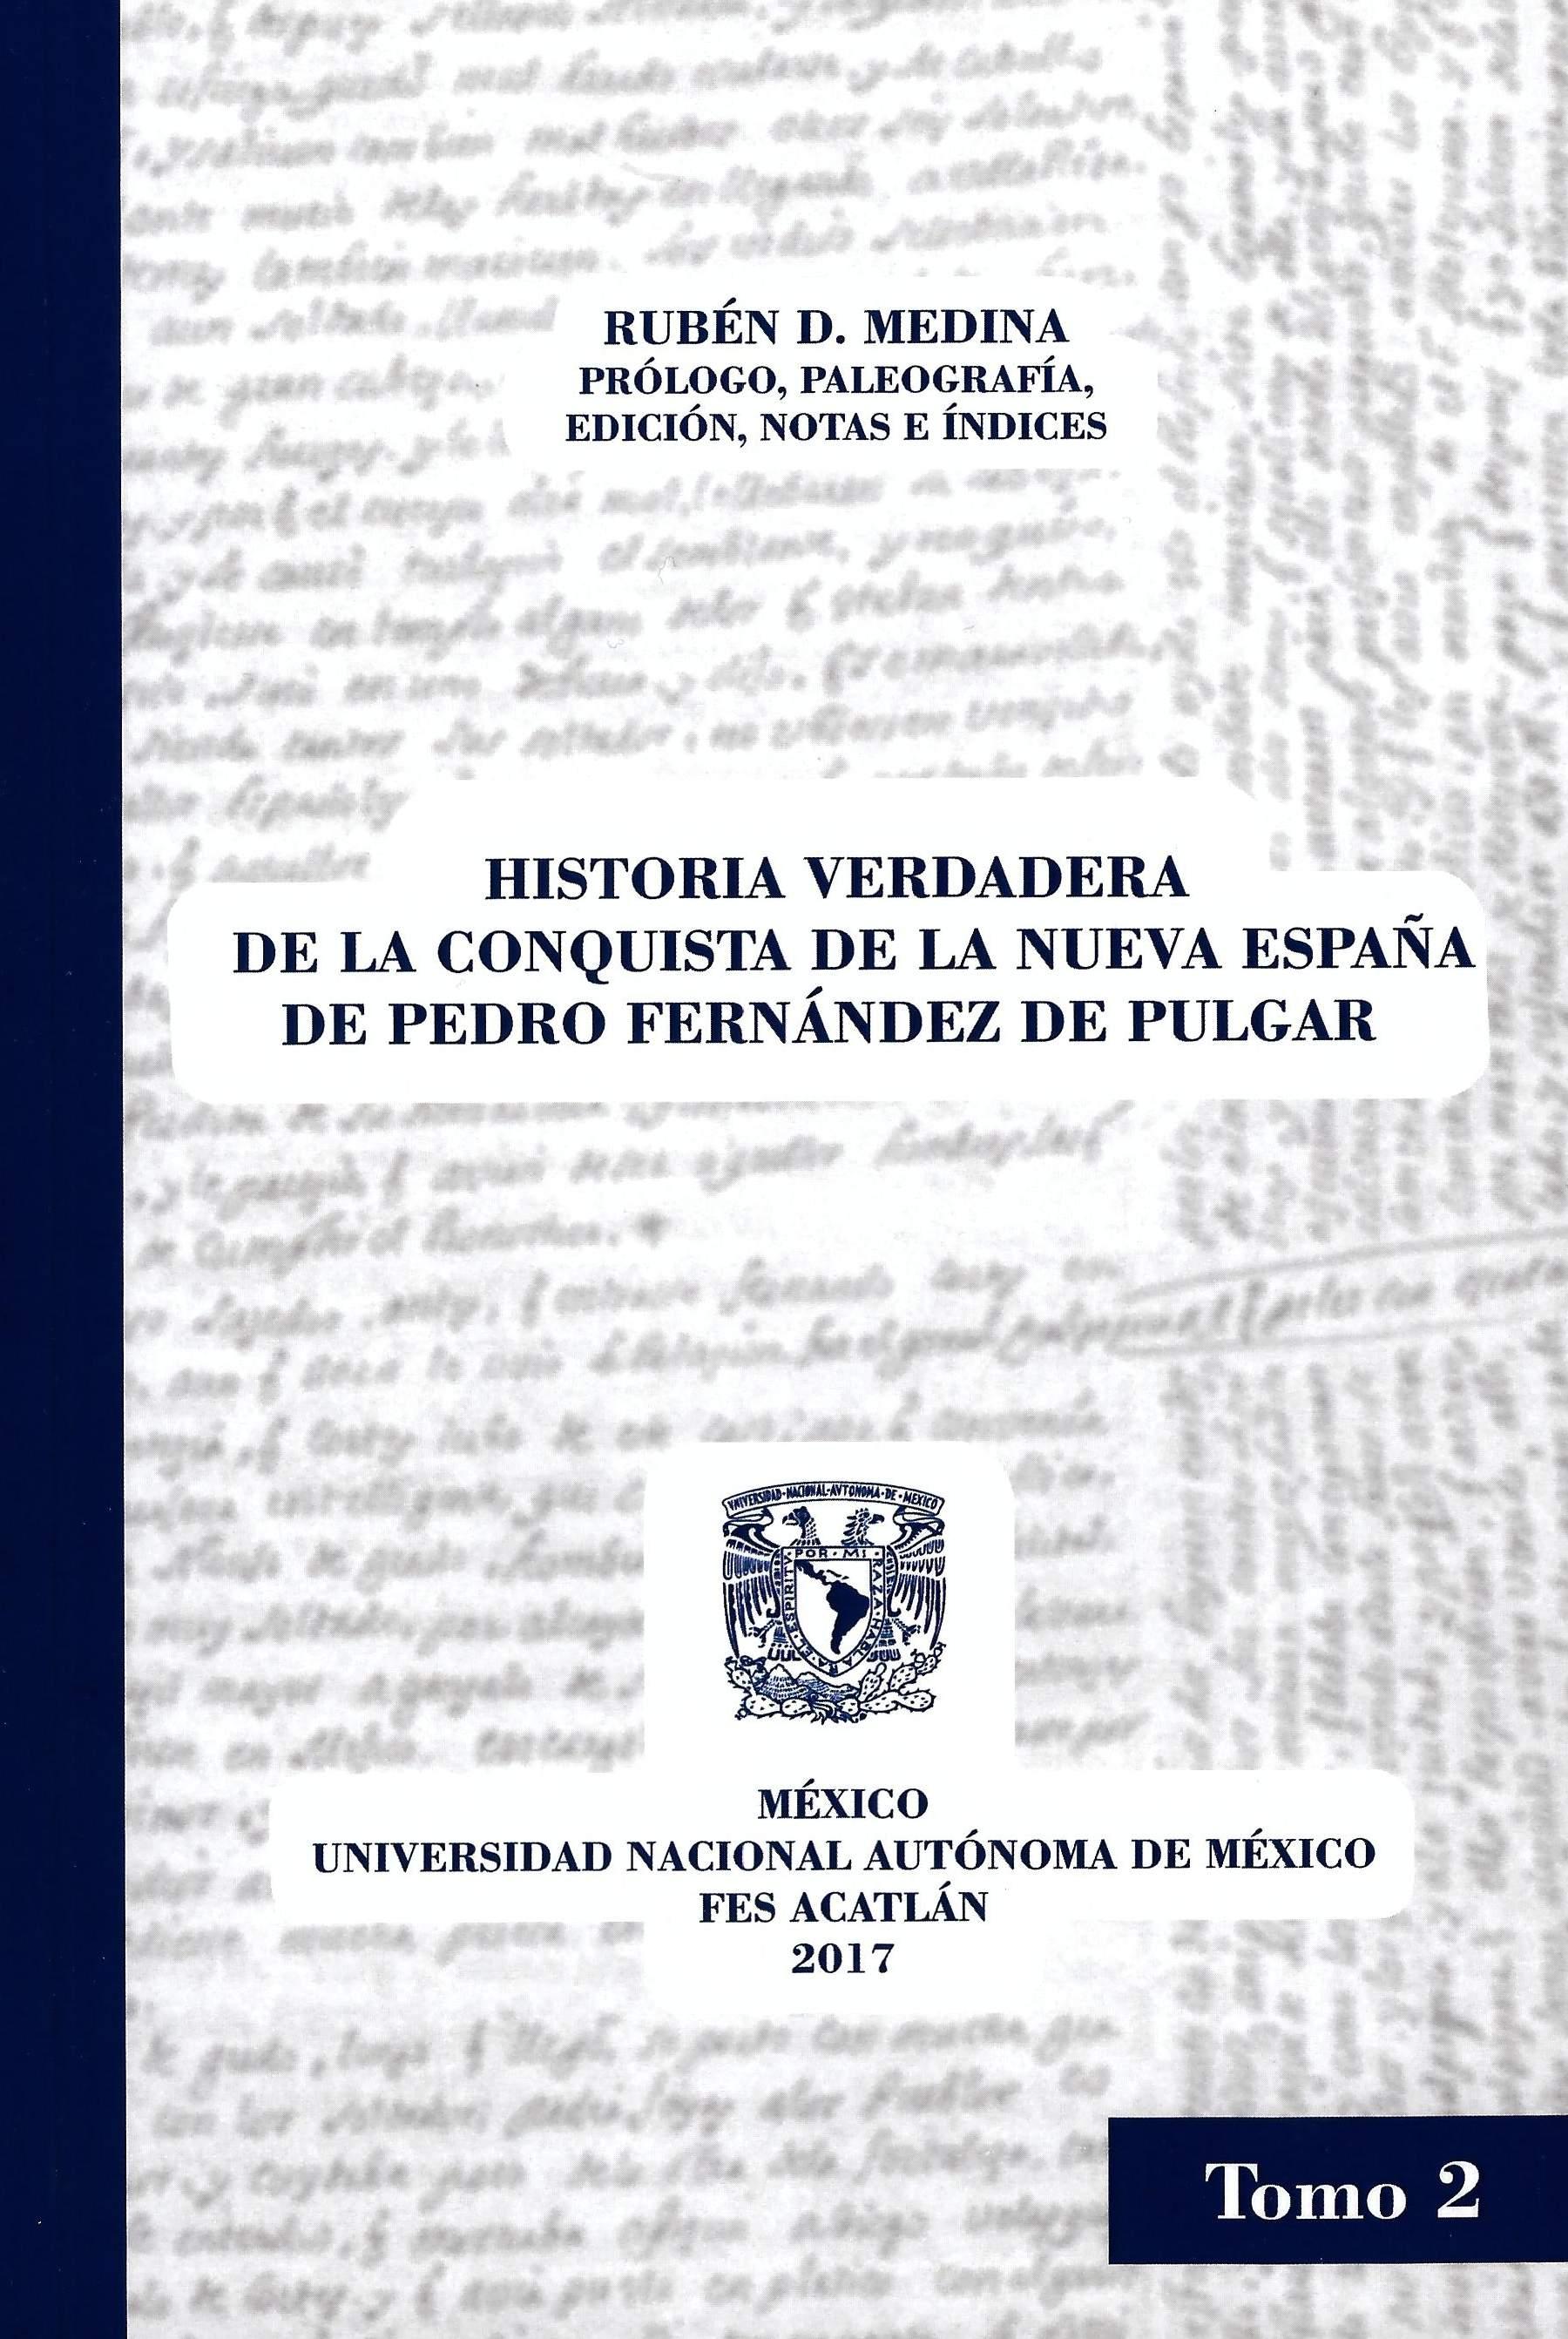 Historia verdadera de la conquista de la Nueva España de Pedro Fernández de Pulgar. Tomo II